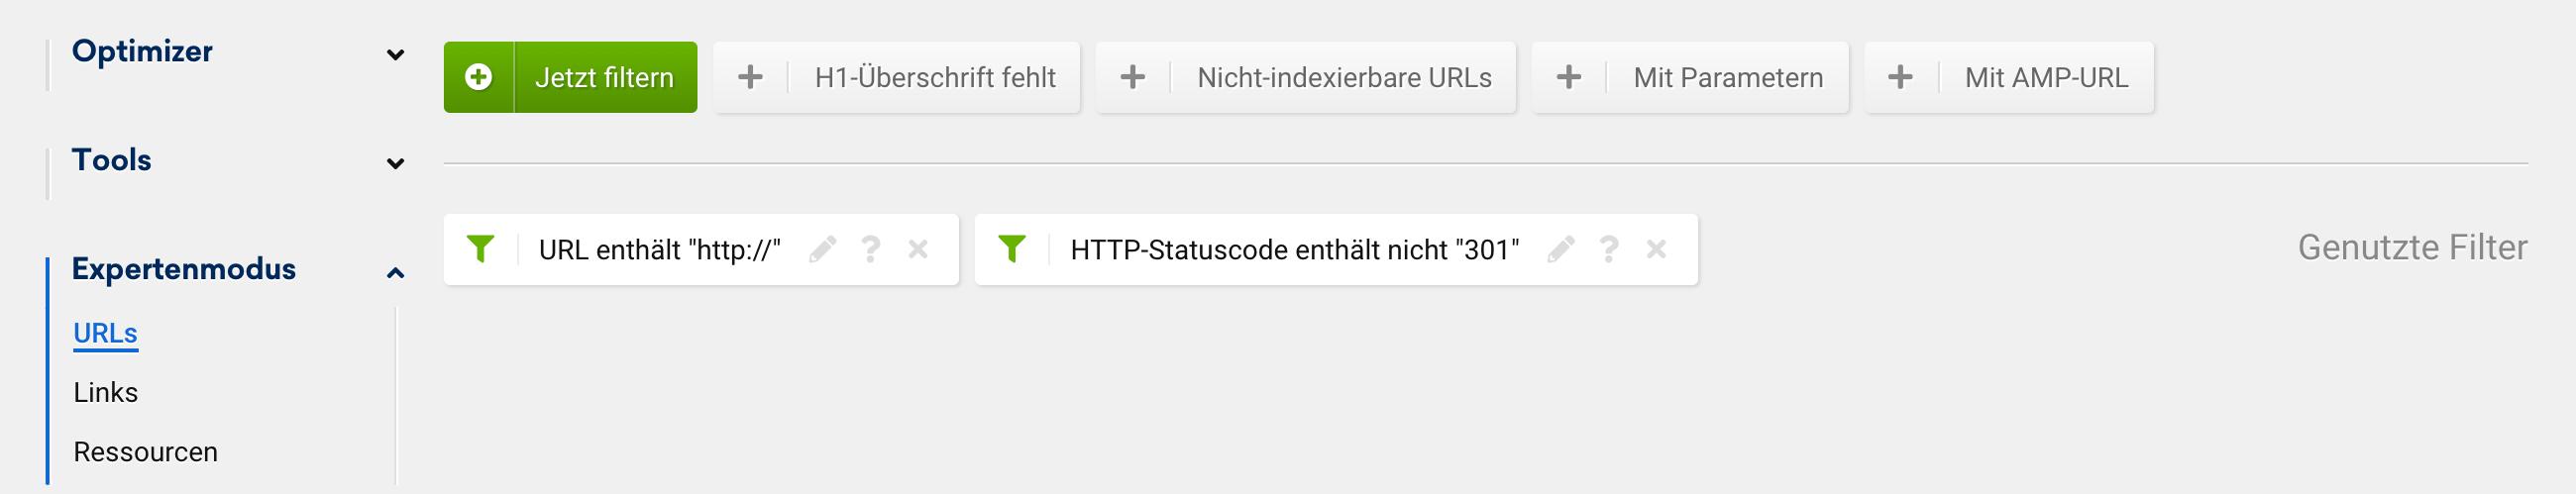 """Optimizer Expertenmodus-Unterpunkt URLs mit Filtern """"URL enthält http://"""" und """"HTTP-Statuscode enthält nicht 301""""."""